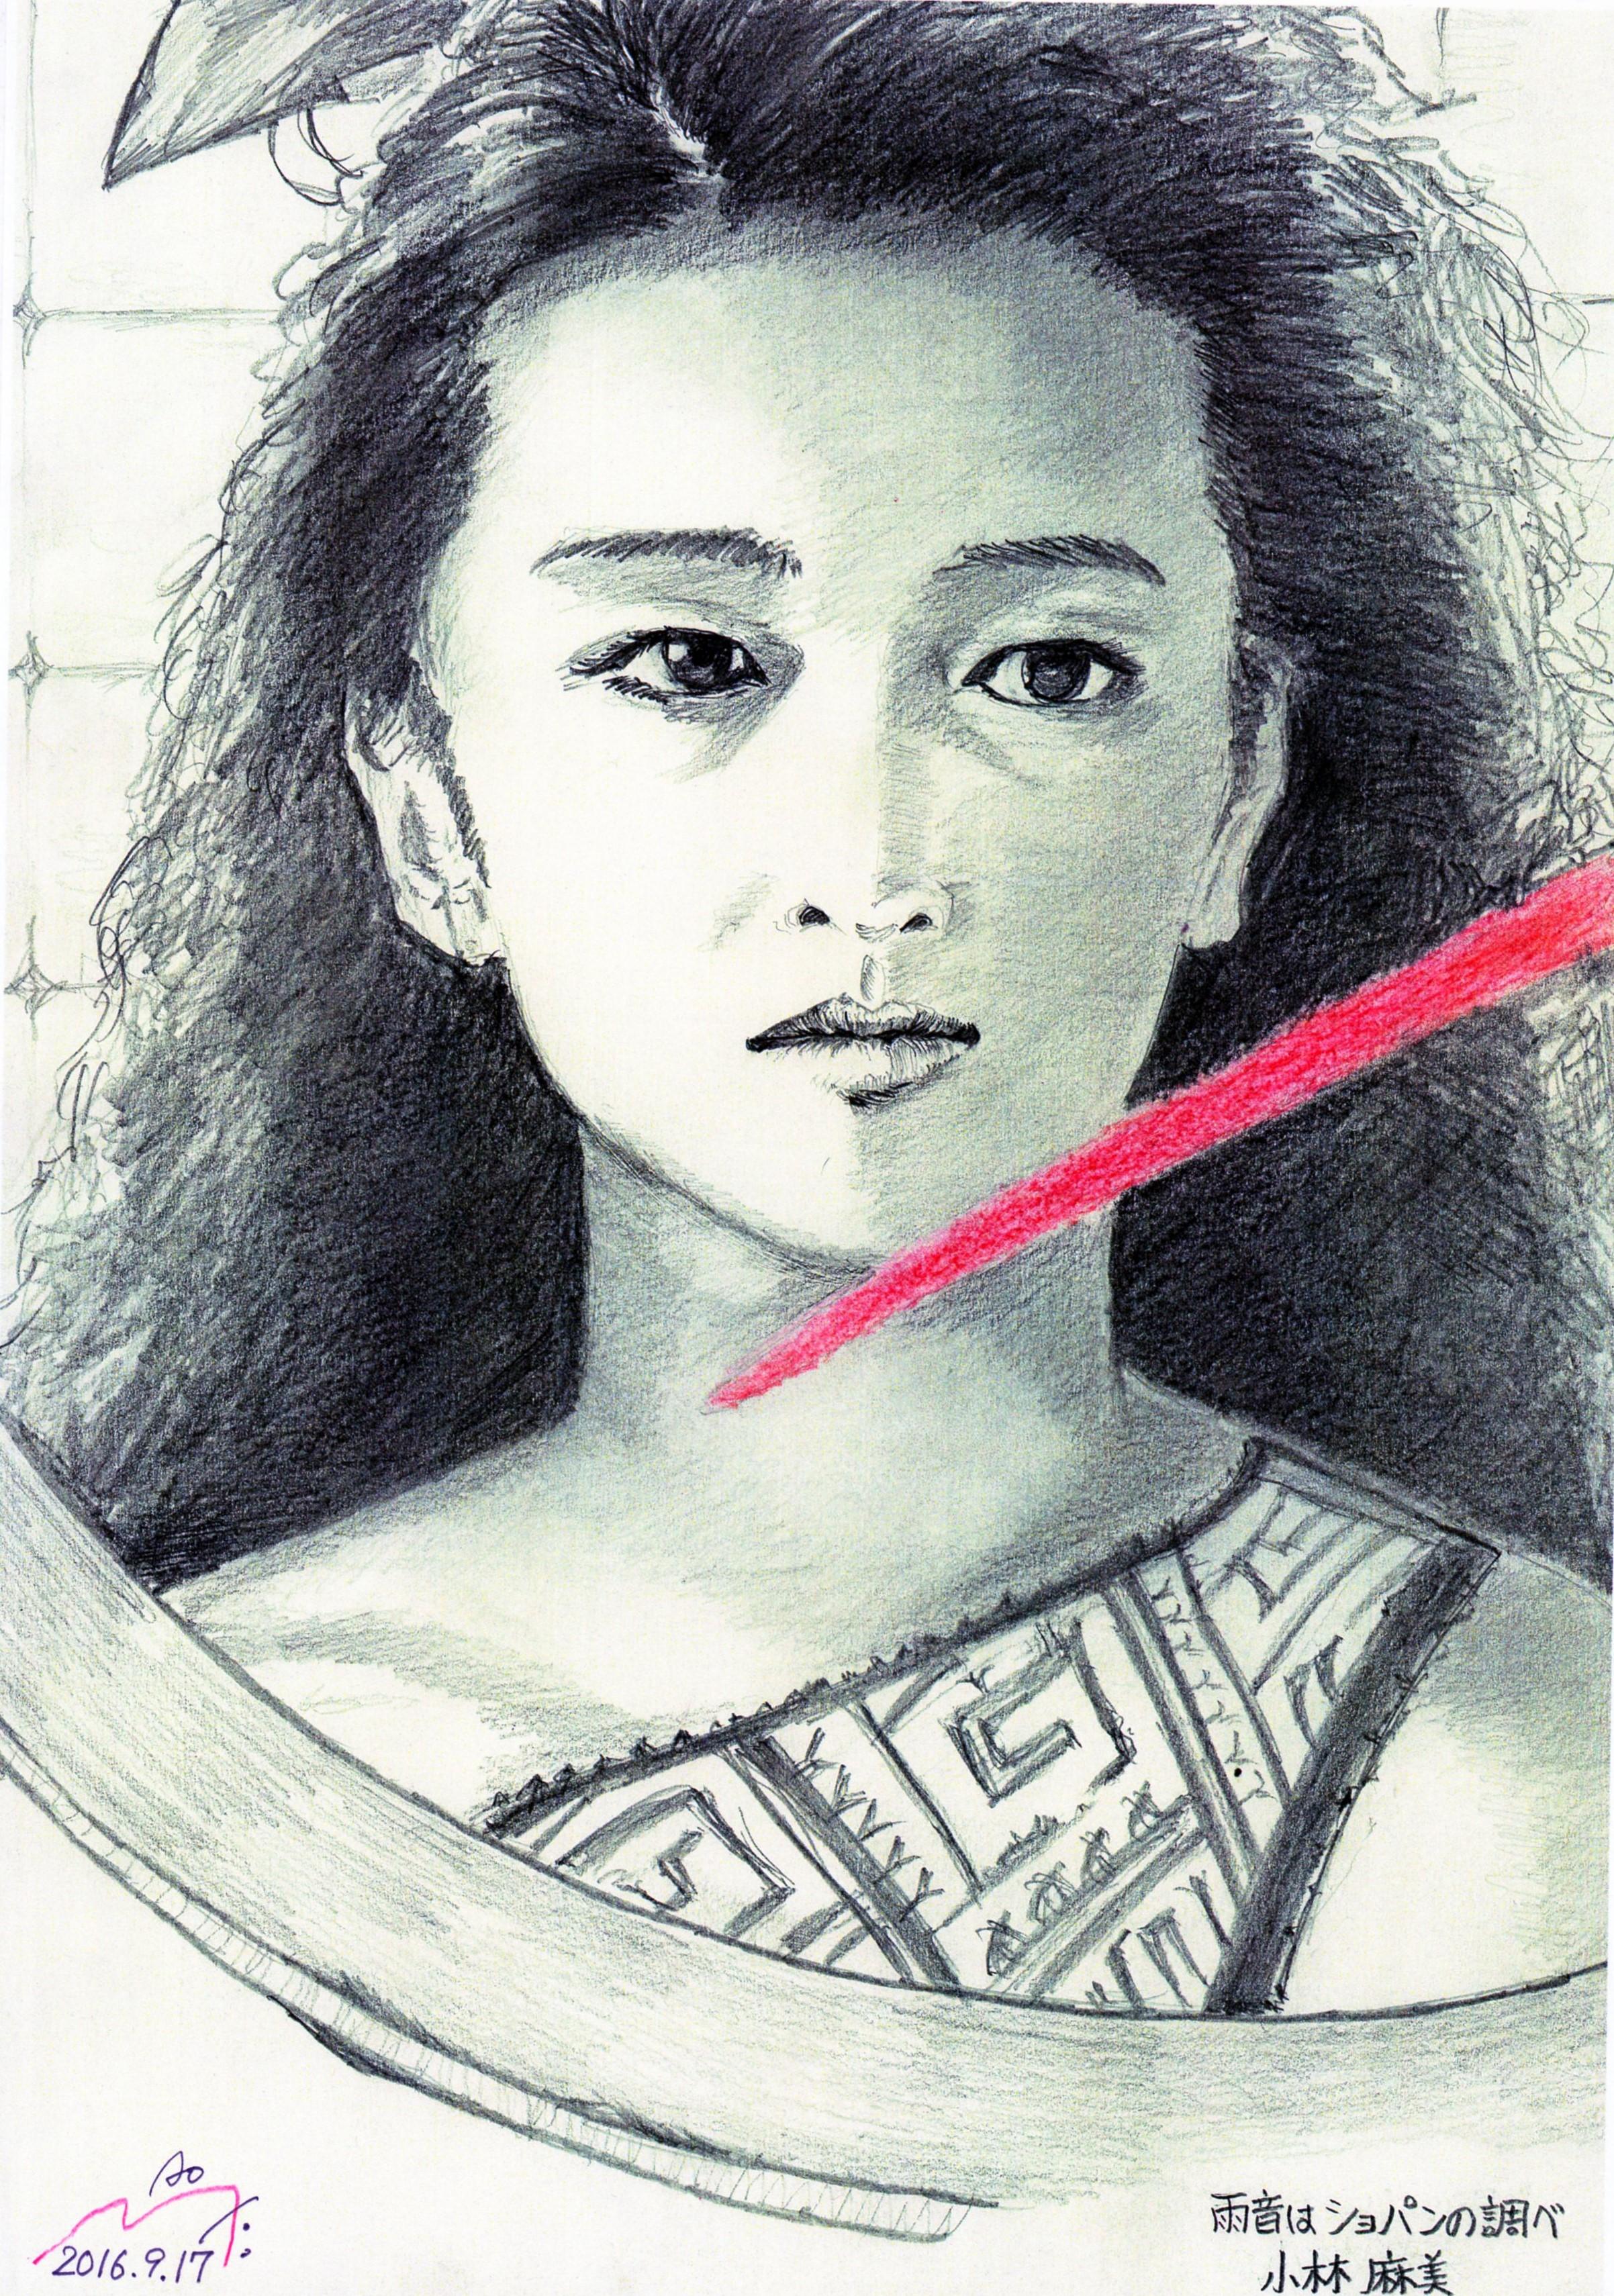 「雨音はショパンの調べ」小林麻美の鉛筆画似顔絵